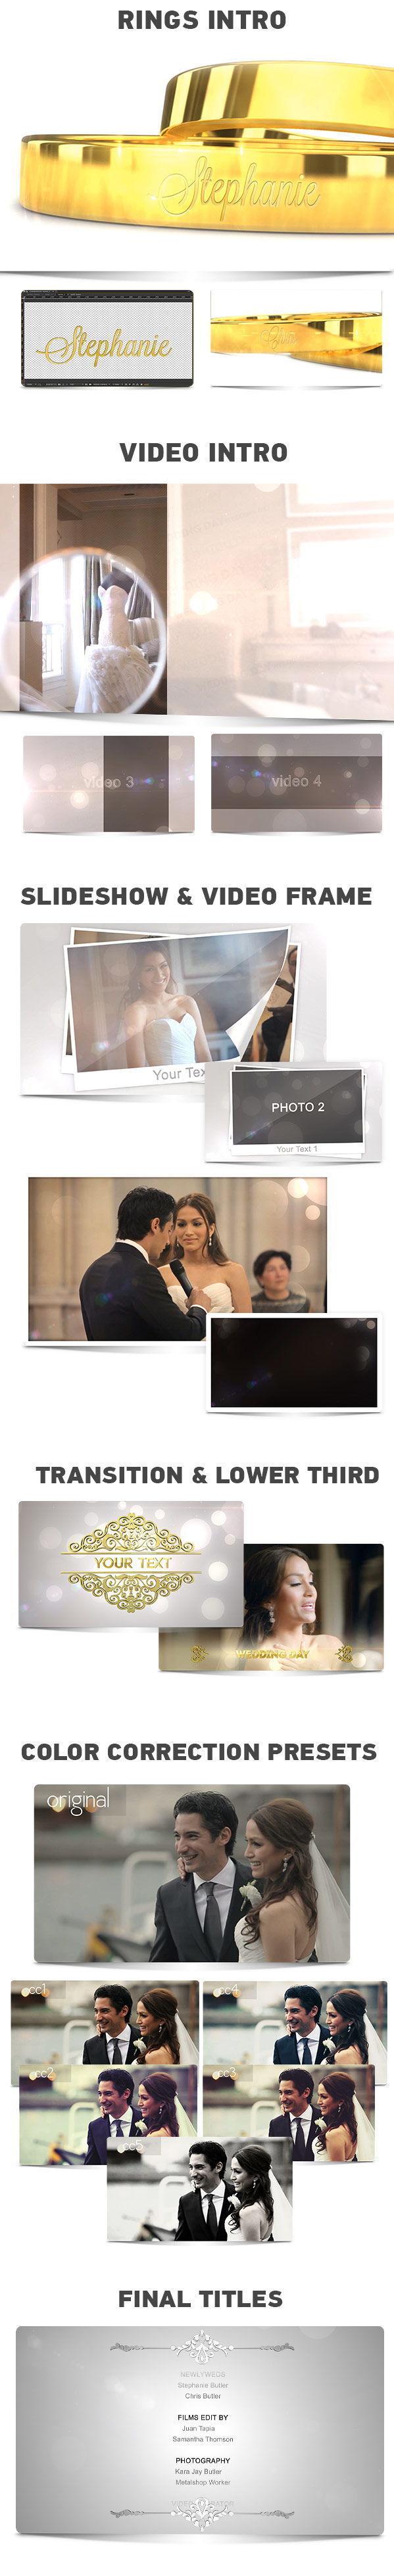 دانلود مجموعه پروژه آماده افترافکت فیلم عروسی Videohive Wedding Mega Pack Collection